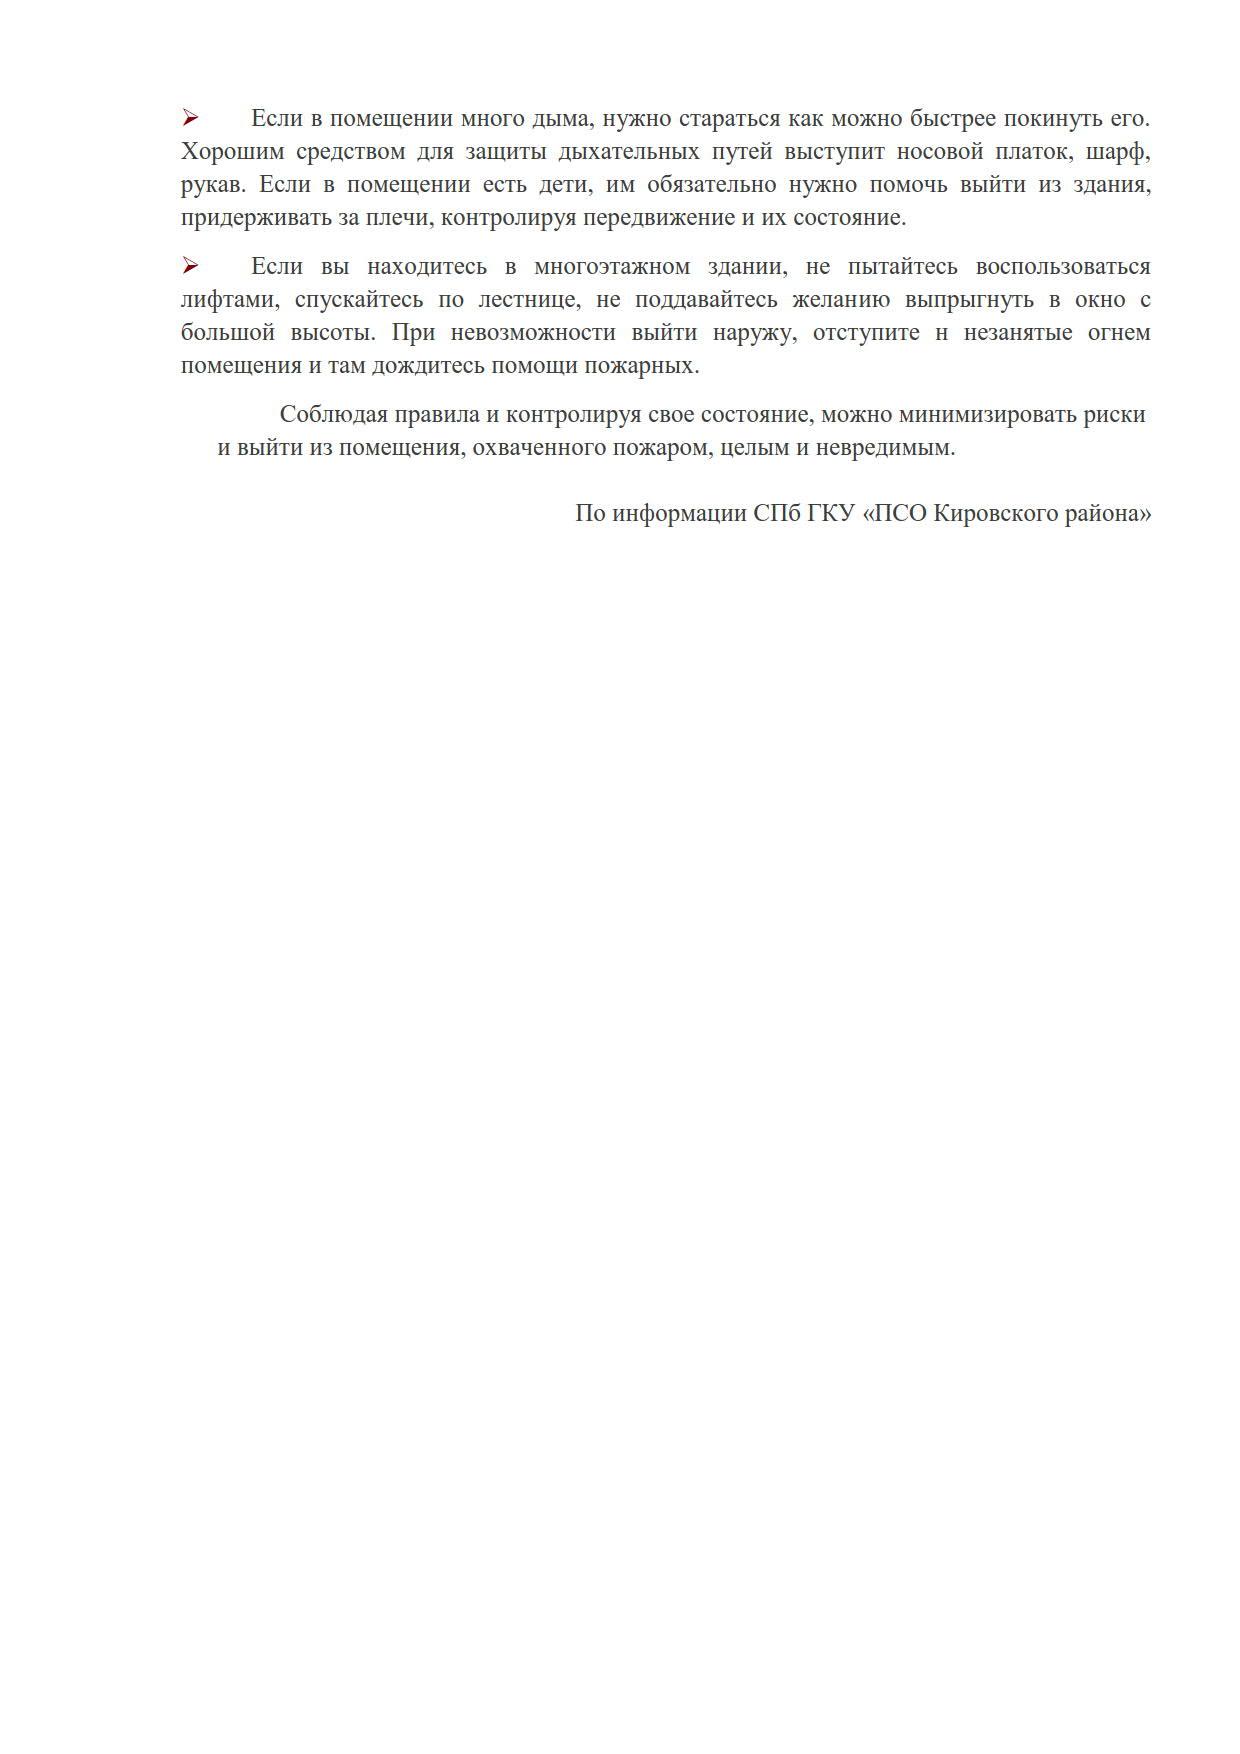 Статья пожар в общественном месте_2